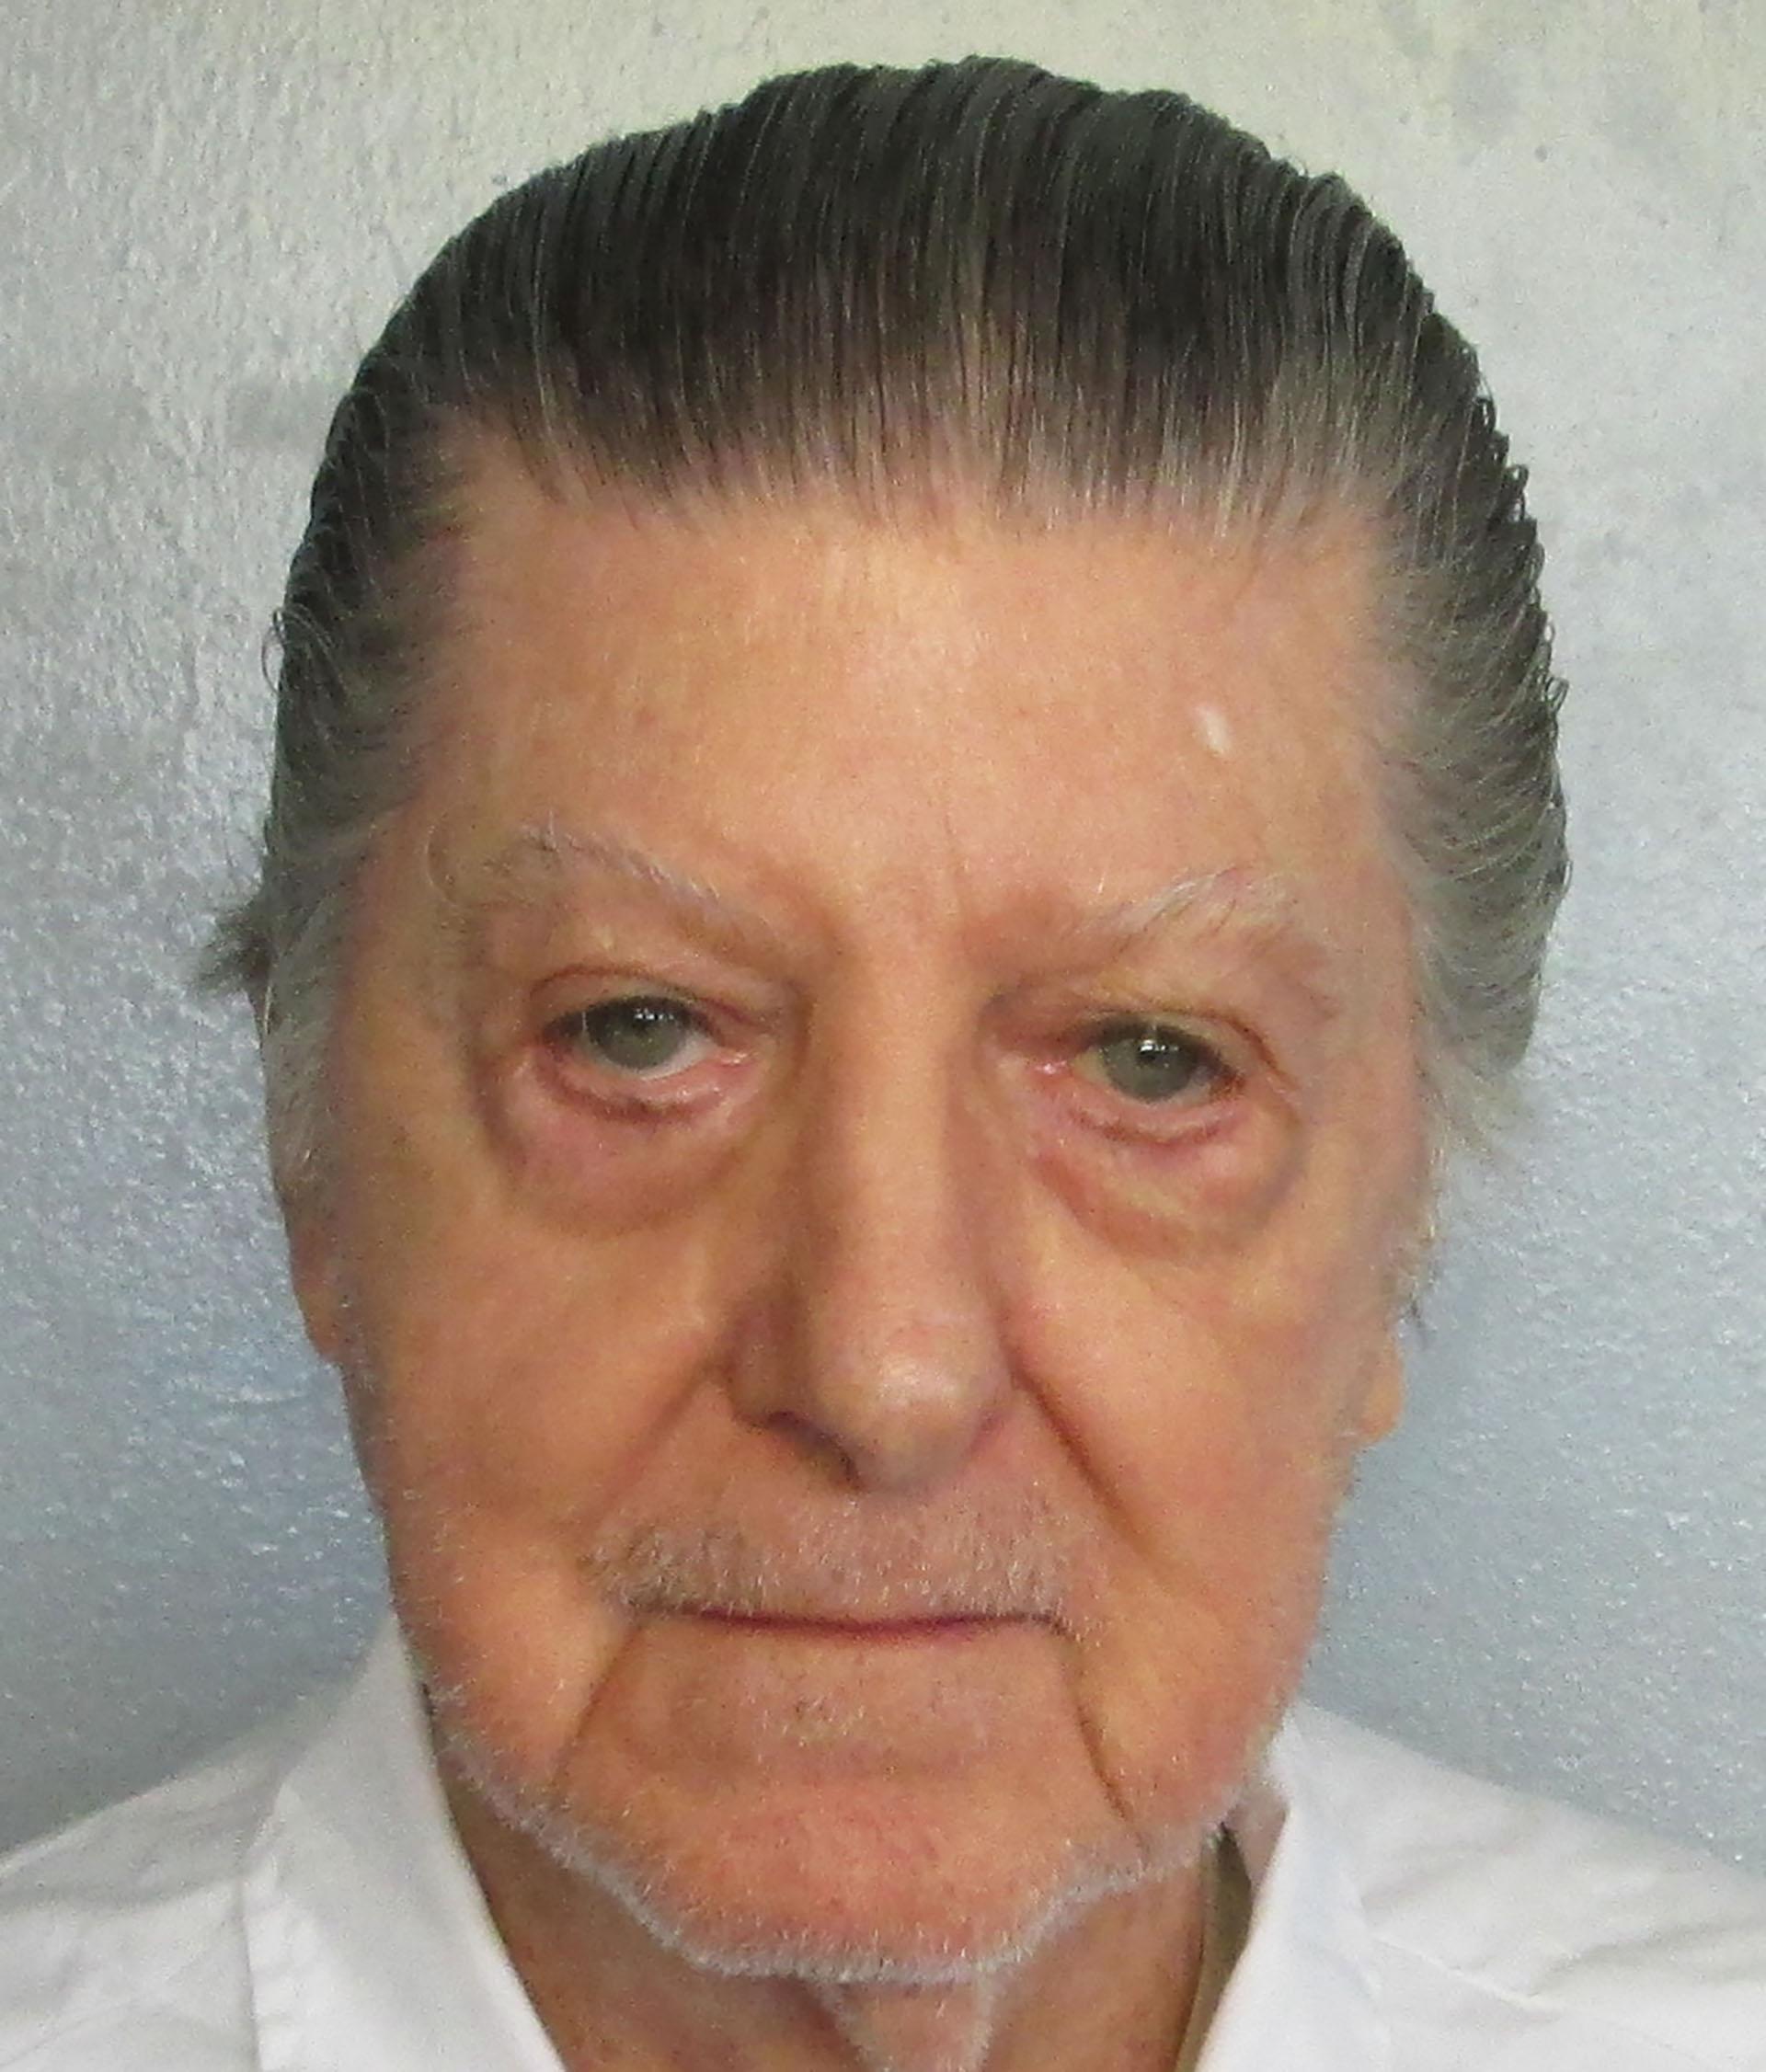 Walter Leroy Moody fue ejecutado este jueves en un penal de Alabama luego de esperar cumplir la sentencia 22 años. Se convirtió en el prisionero más viejo en cumplir la pena máxima (AP)